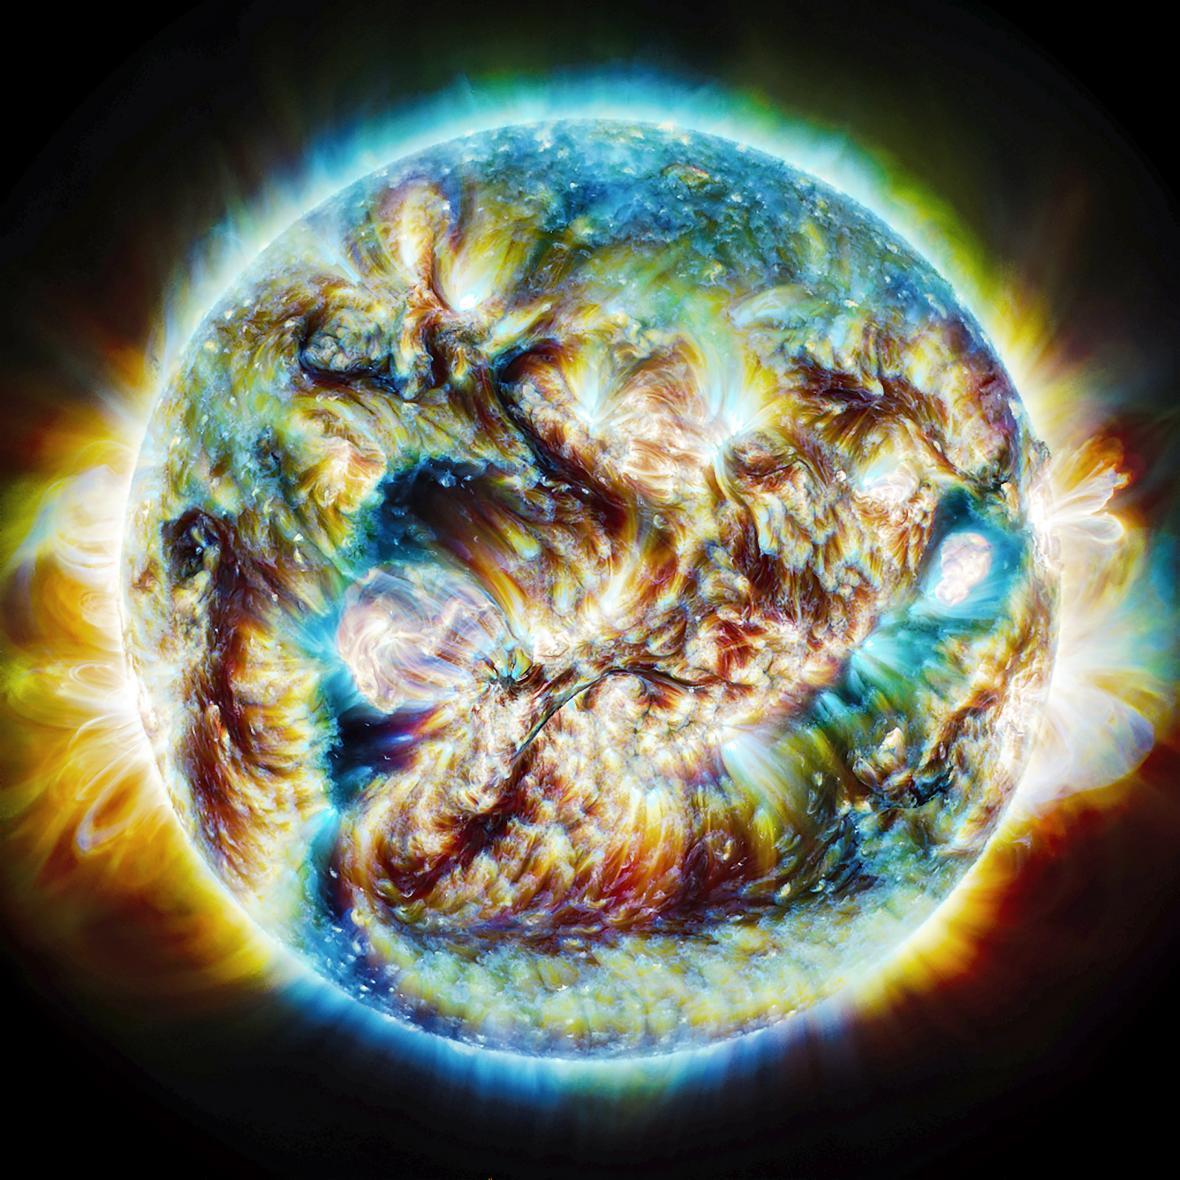 Οι ηλιακή δραστηριότητα καταγράφεται σε αυτή την φωτογραφία -σύνθεση εικόνων που ελήφθησαν σε τρία μήκη κύματος